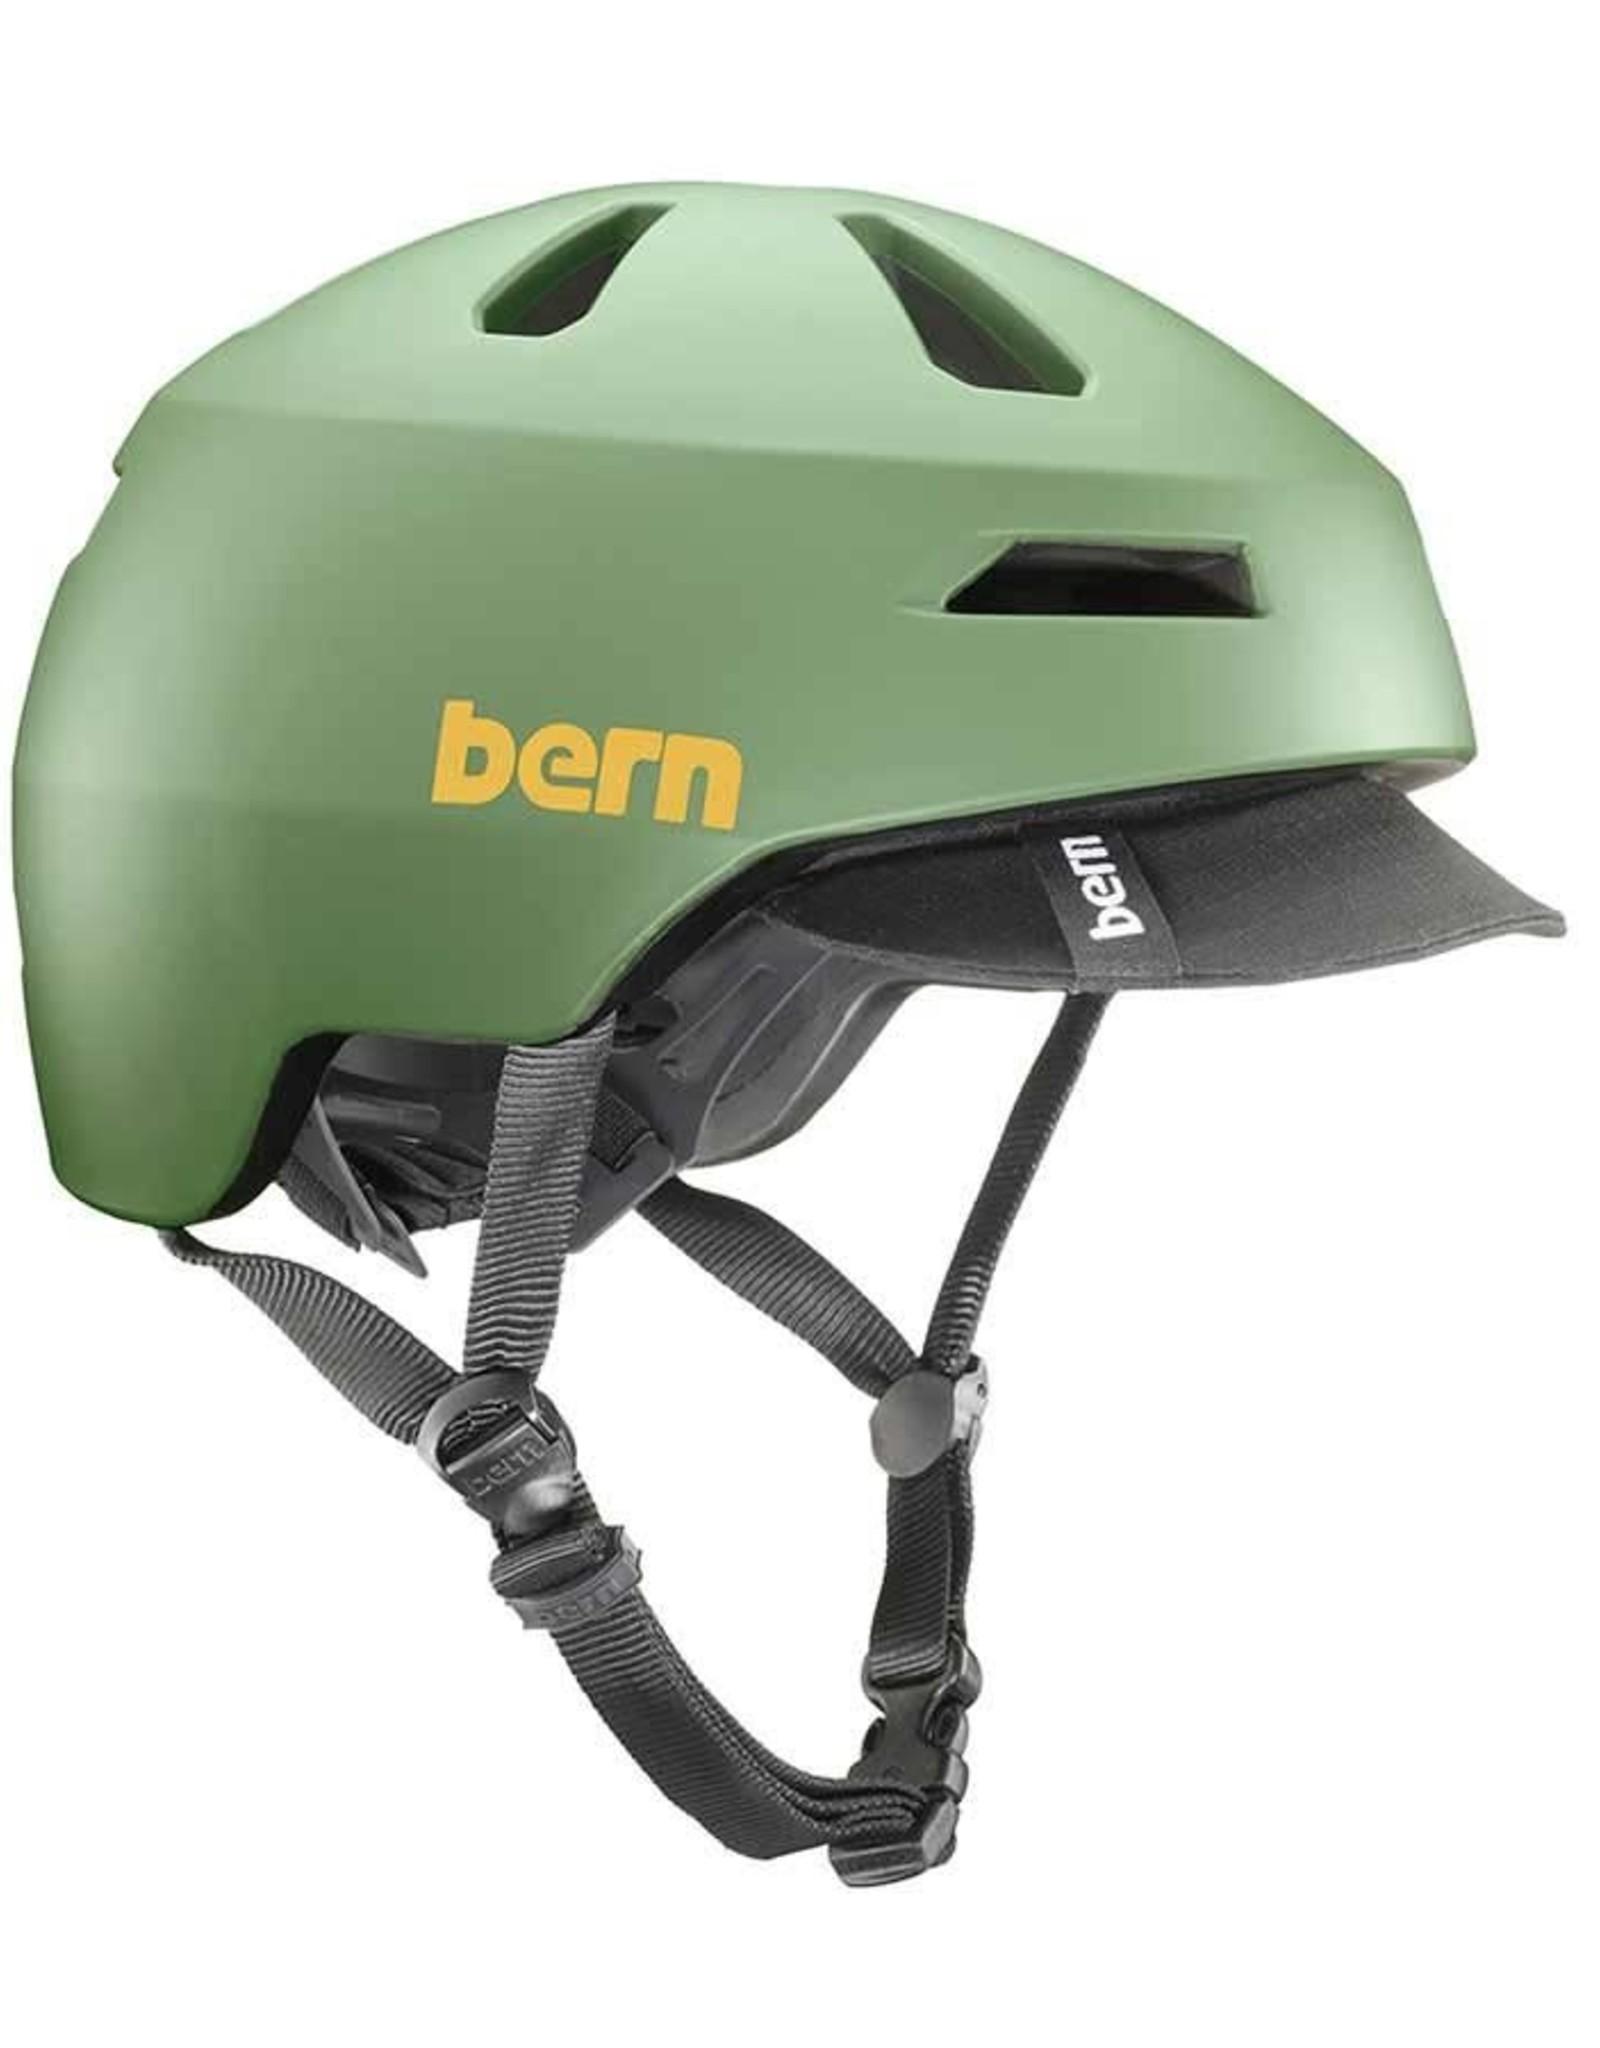 BERN Brentwood, Helmet, Pavement, Vert mat, S, 52-55.5cm